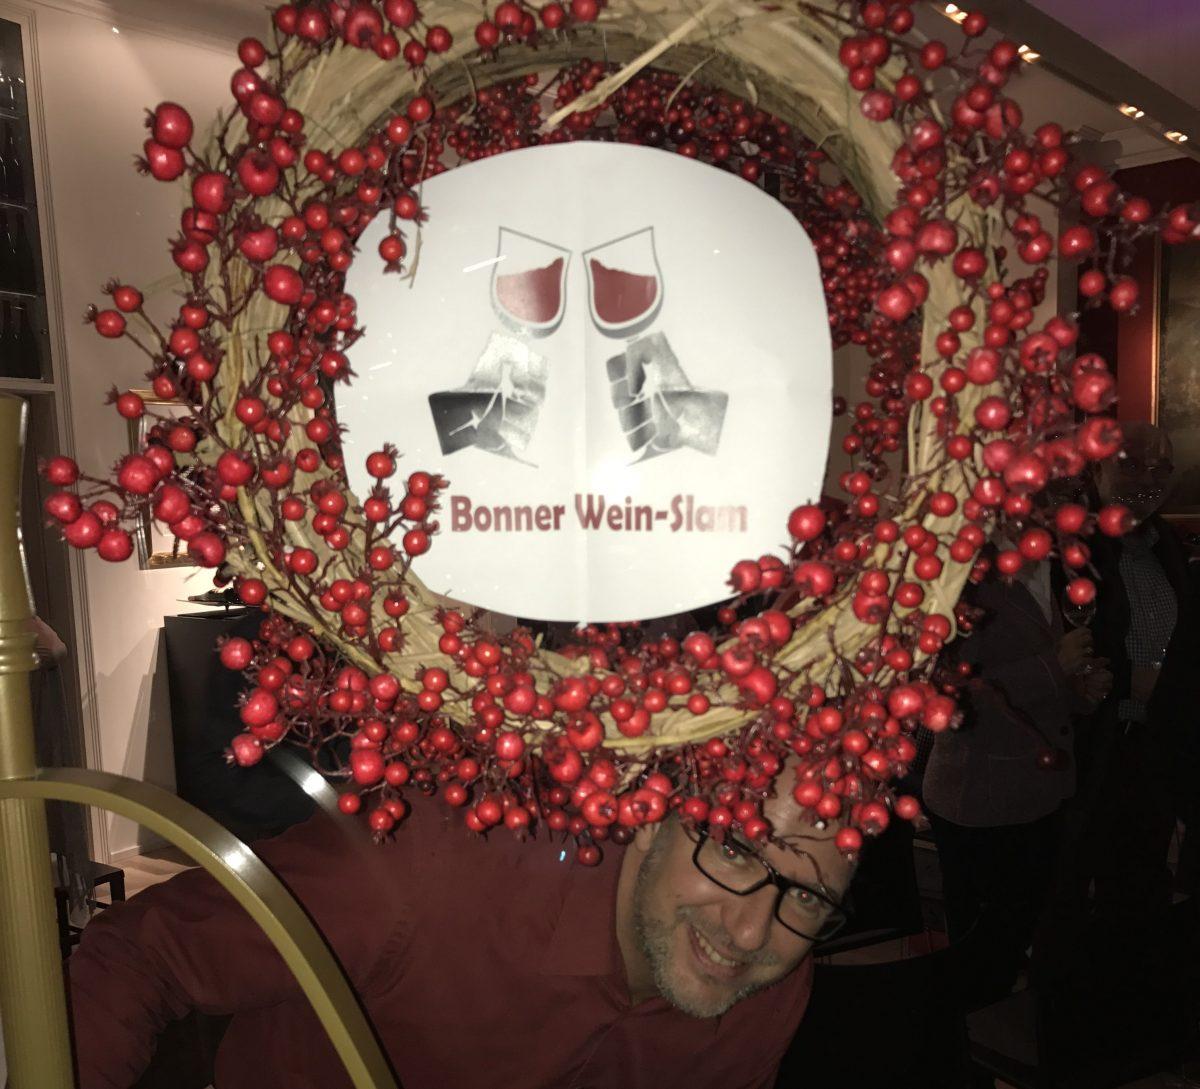 Das sind die Slammer des 6. Bonner Wein-Slams